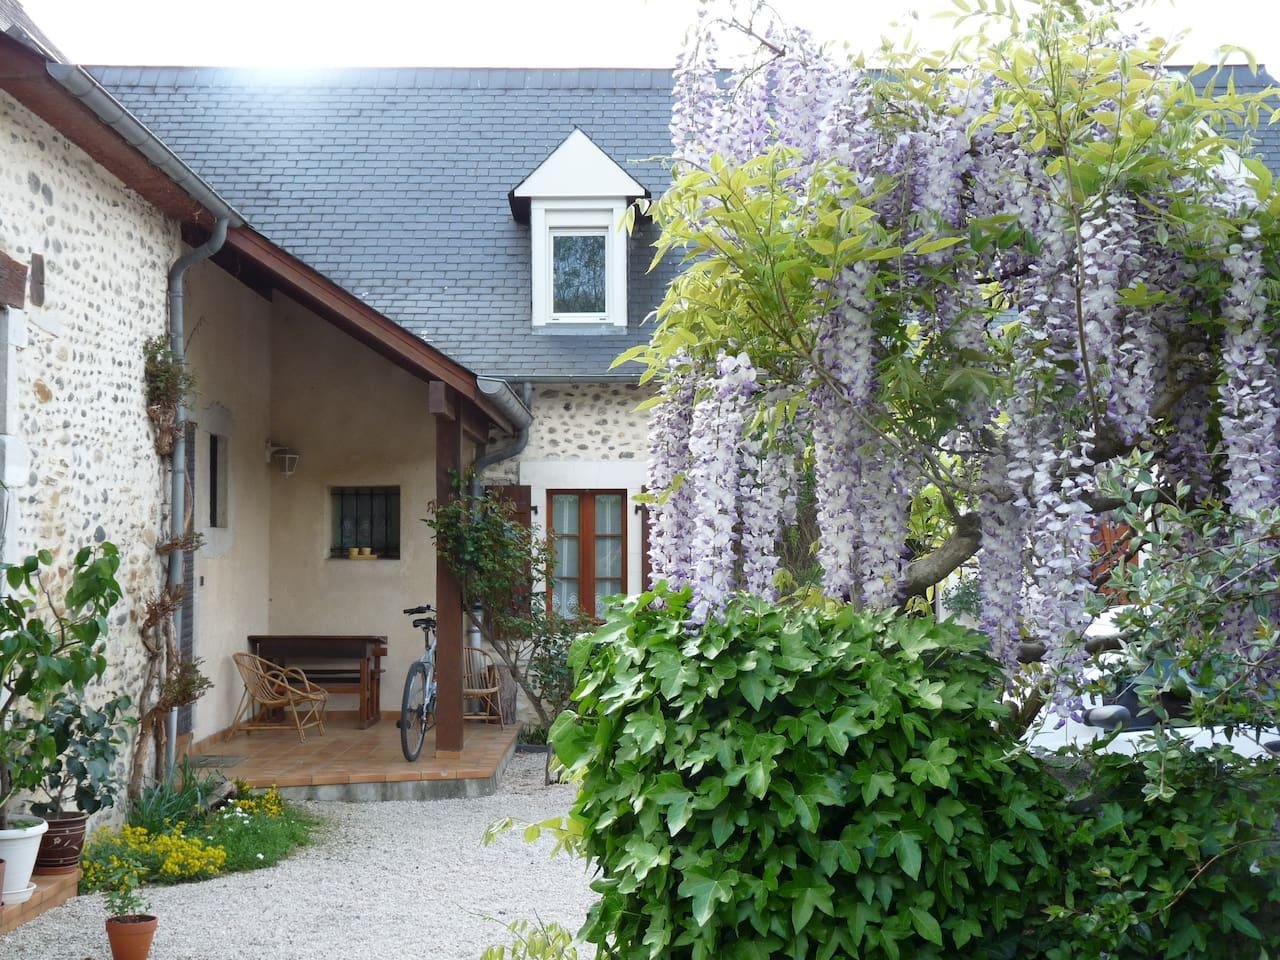 notre maison béarnaise avec la glycine au printemps